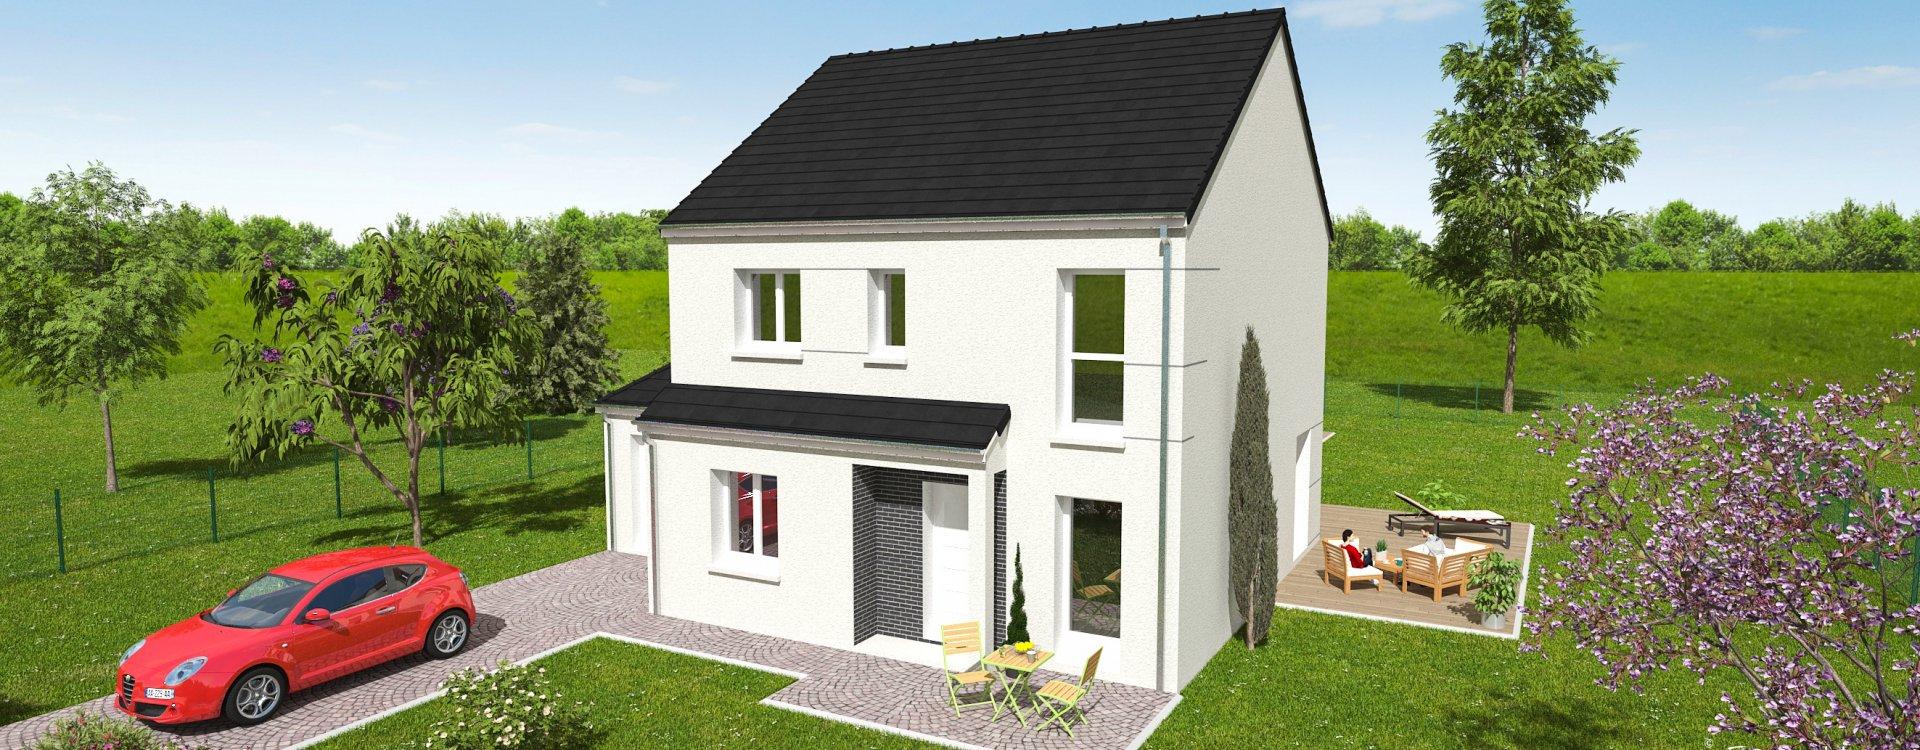 Maisons + Terrains du constructeur EASY HOUSE FRANCE • 114 m² • CLERY SAINT ANDRE